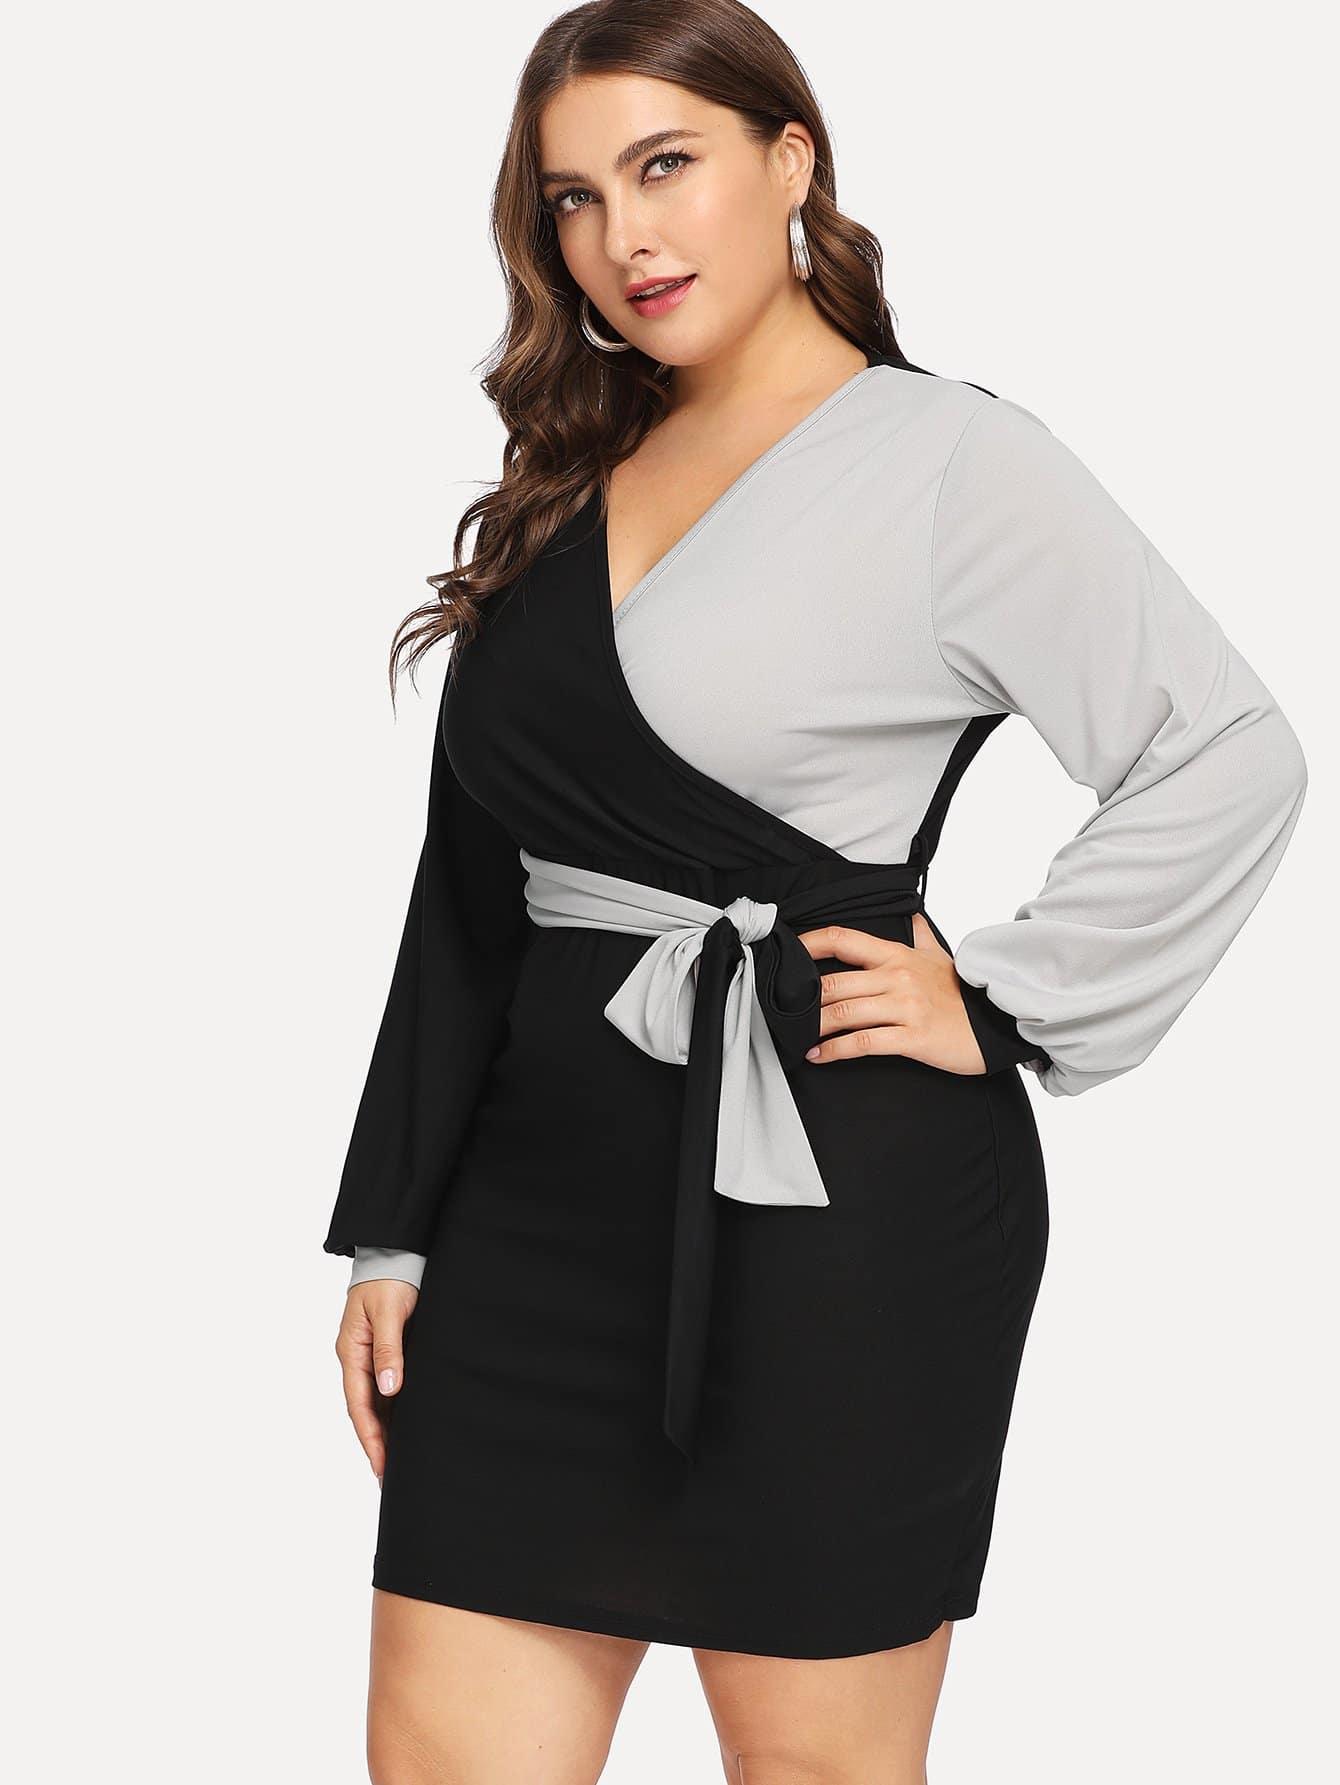 Купить Двухцветное платье с глубоким вырезом размера плюс, Franziska, SheIn